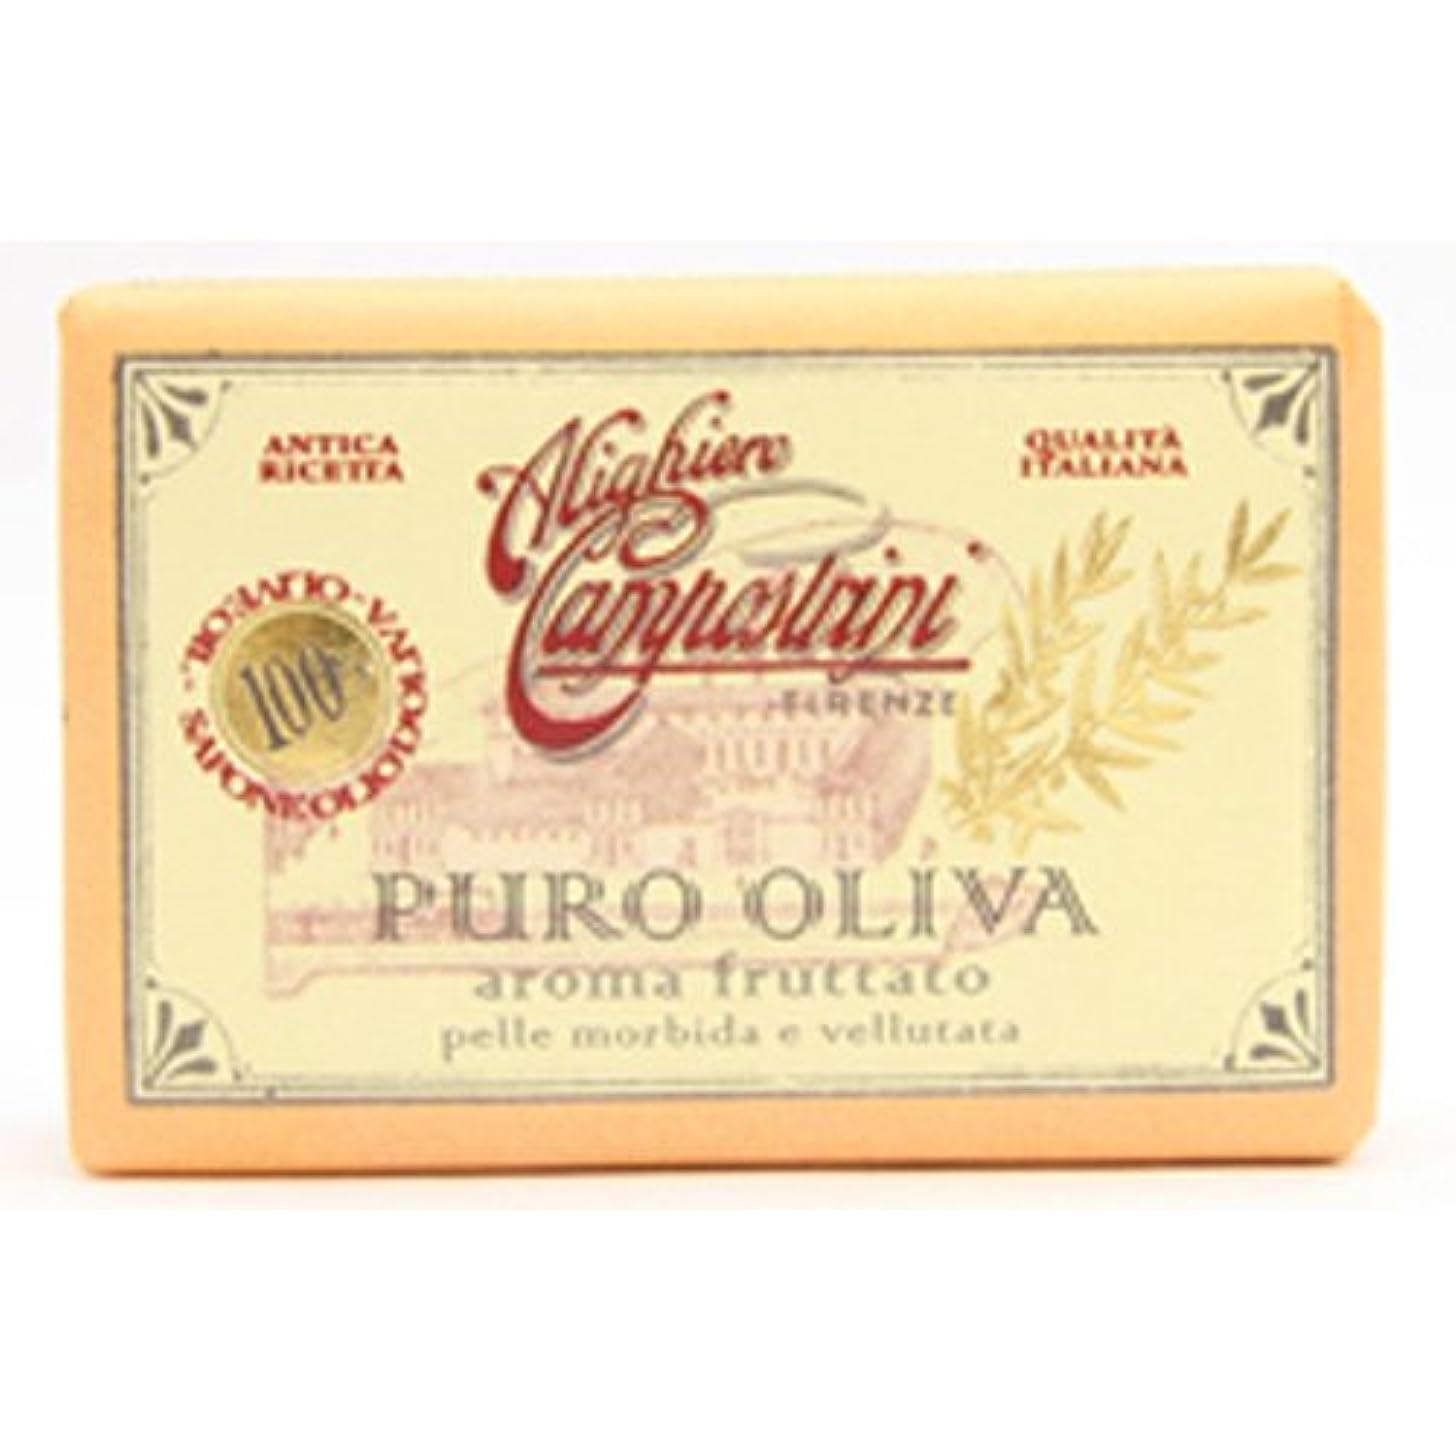 鎮痛剤チャート公爵Saponerire Fissi サポネリーフィッシー PURO OLIVA Soap オリーブオイル ピュロ ソープ Aroma fruttato フルーツ(オレンジ)